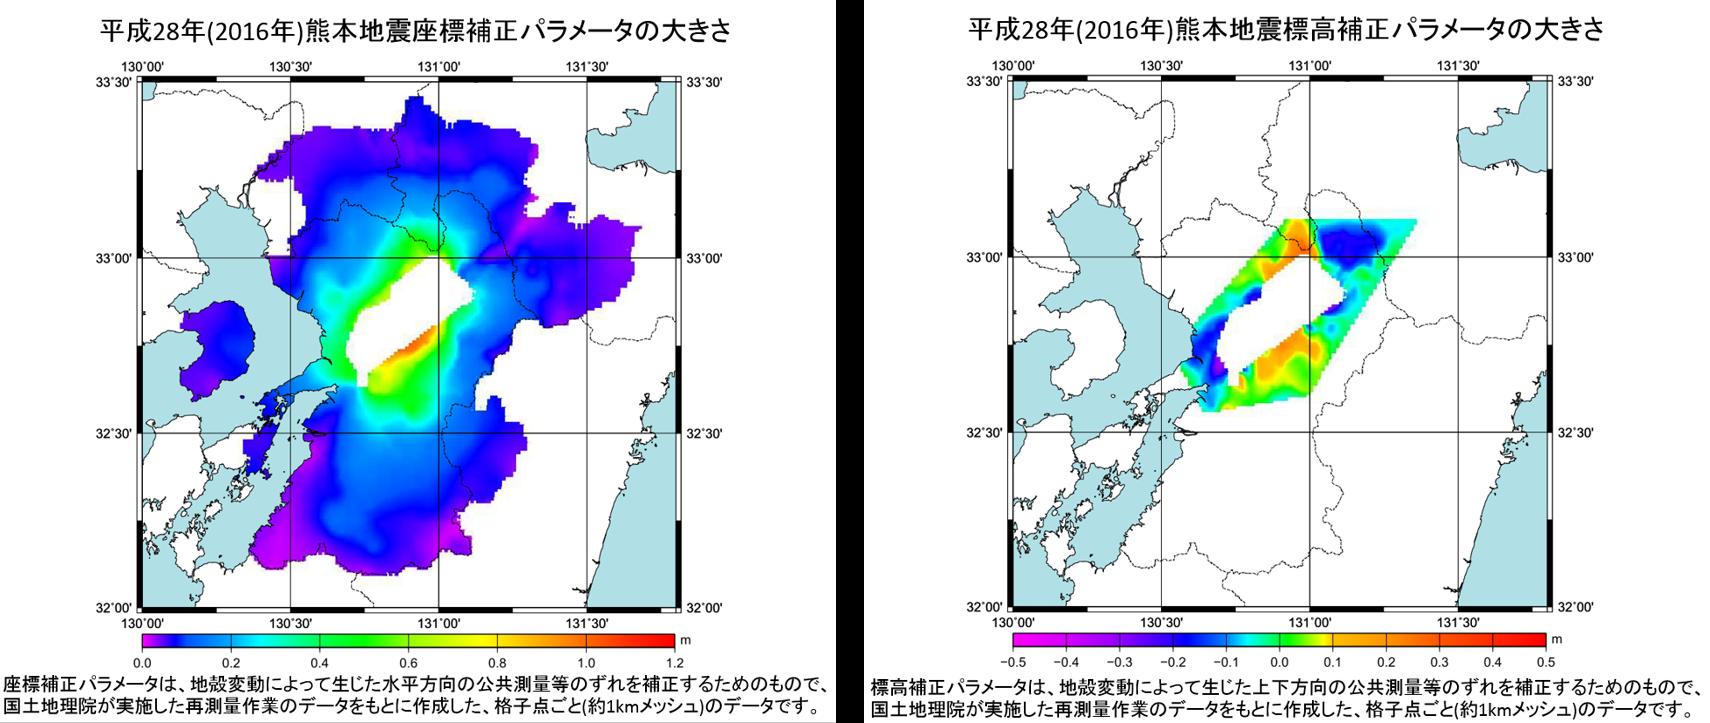 図2 補正パラメータの大きさ 座標(左)と標高(右)